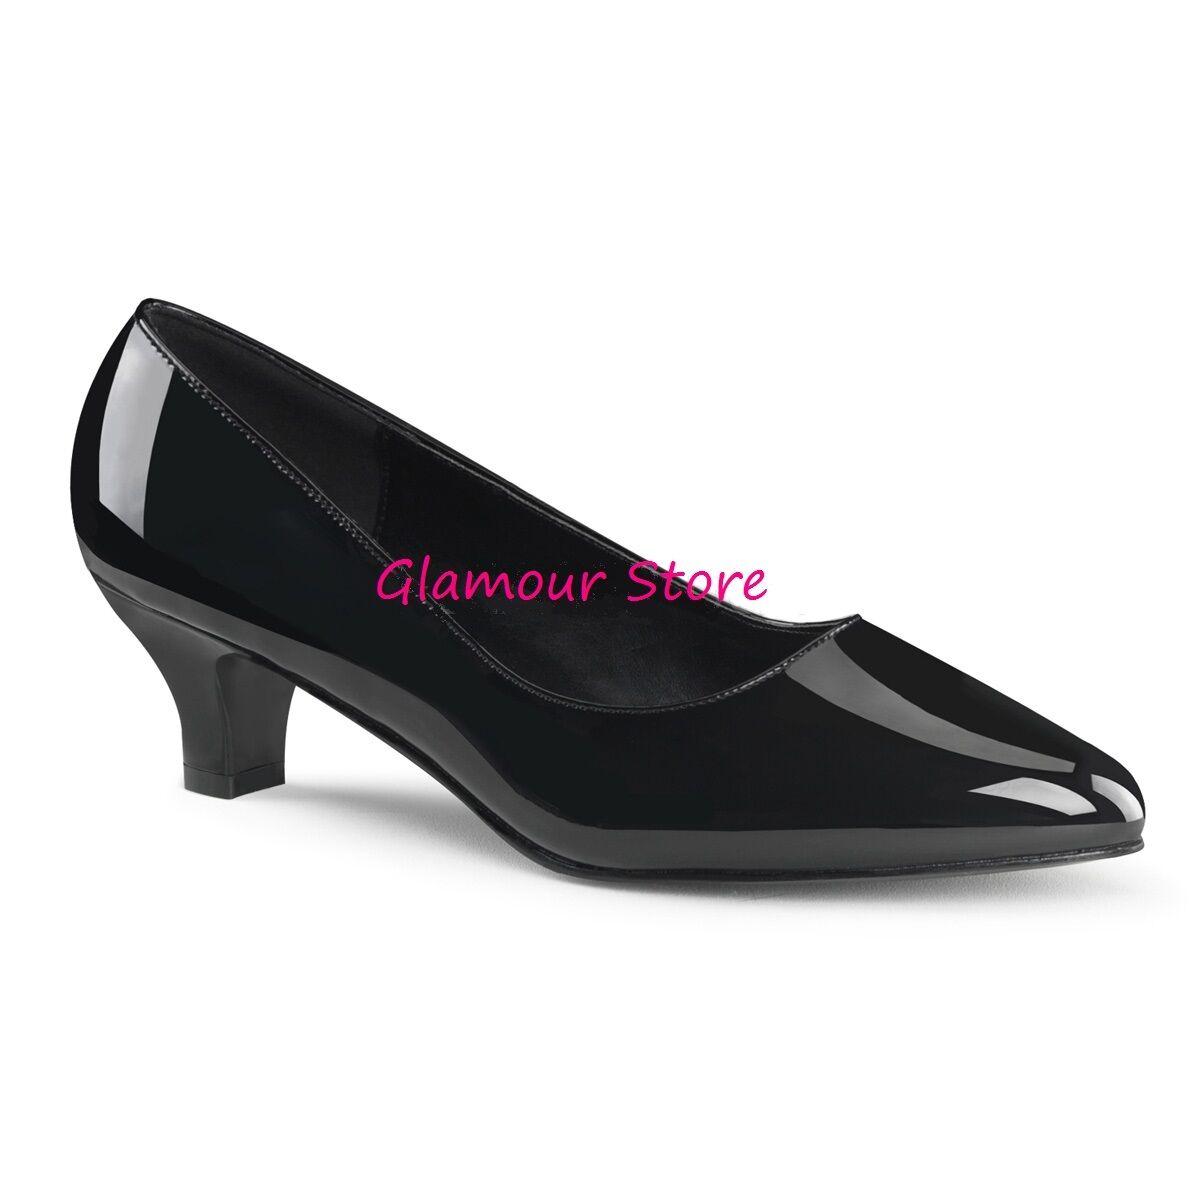 DECOLTE' tacco 5 cm NERO LUCIDO scarpe dal 39 al 46 scarpe LUCIDO SEXY chic fashion GLAMOUR 9f97d4